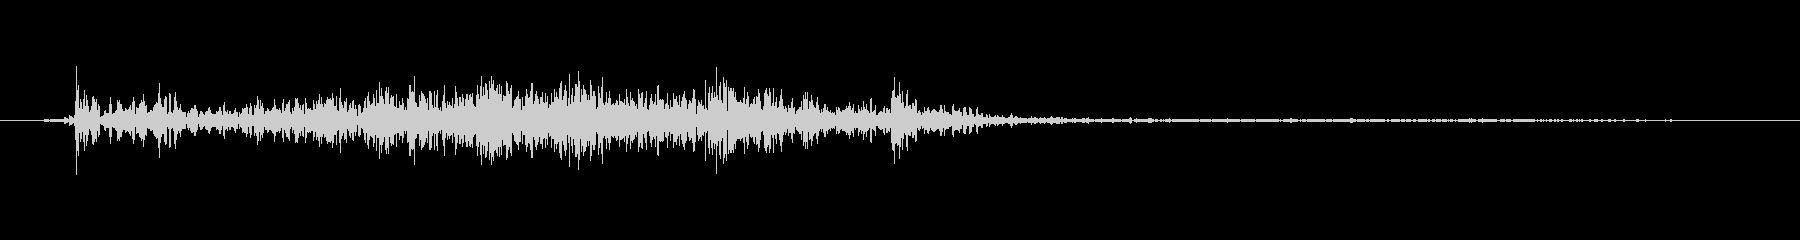 ふすまを開ける音2の未再生の波形